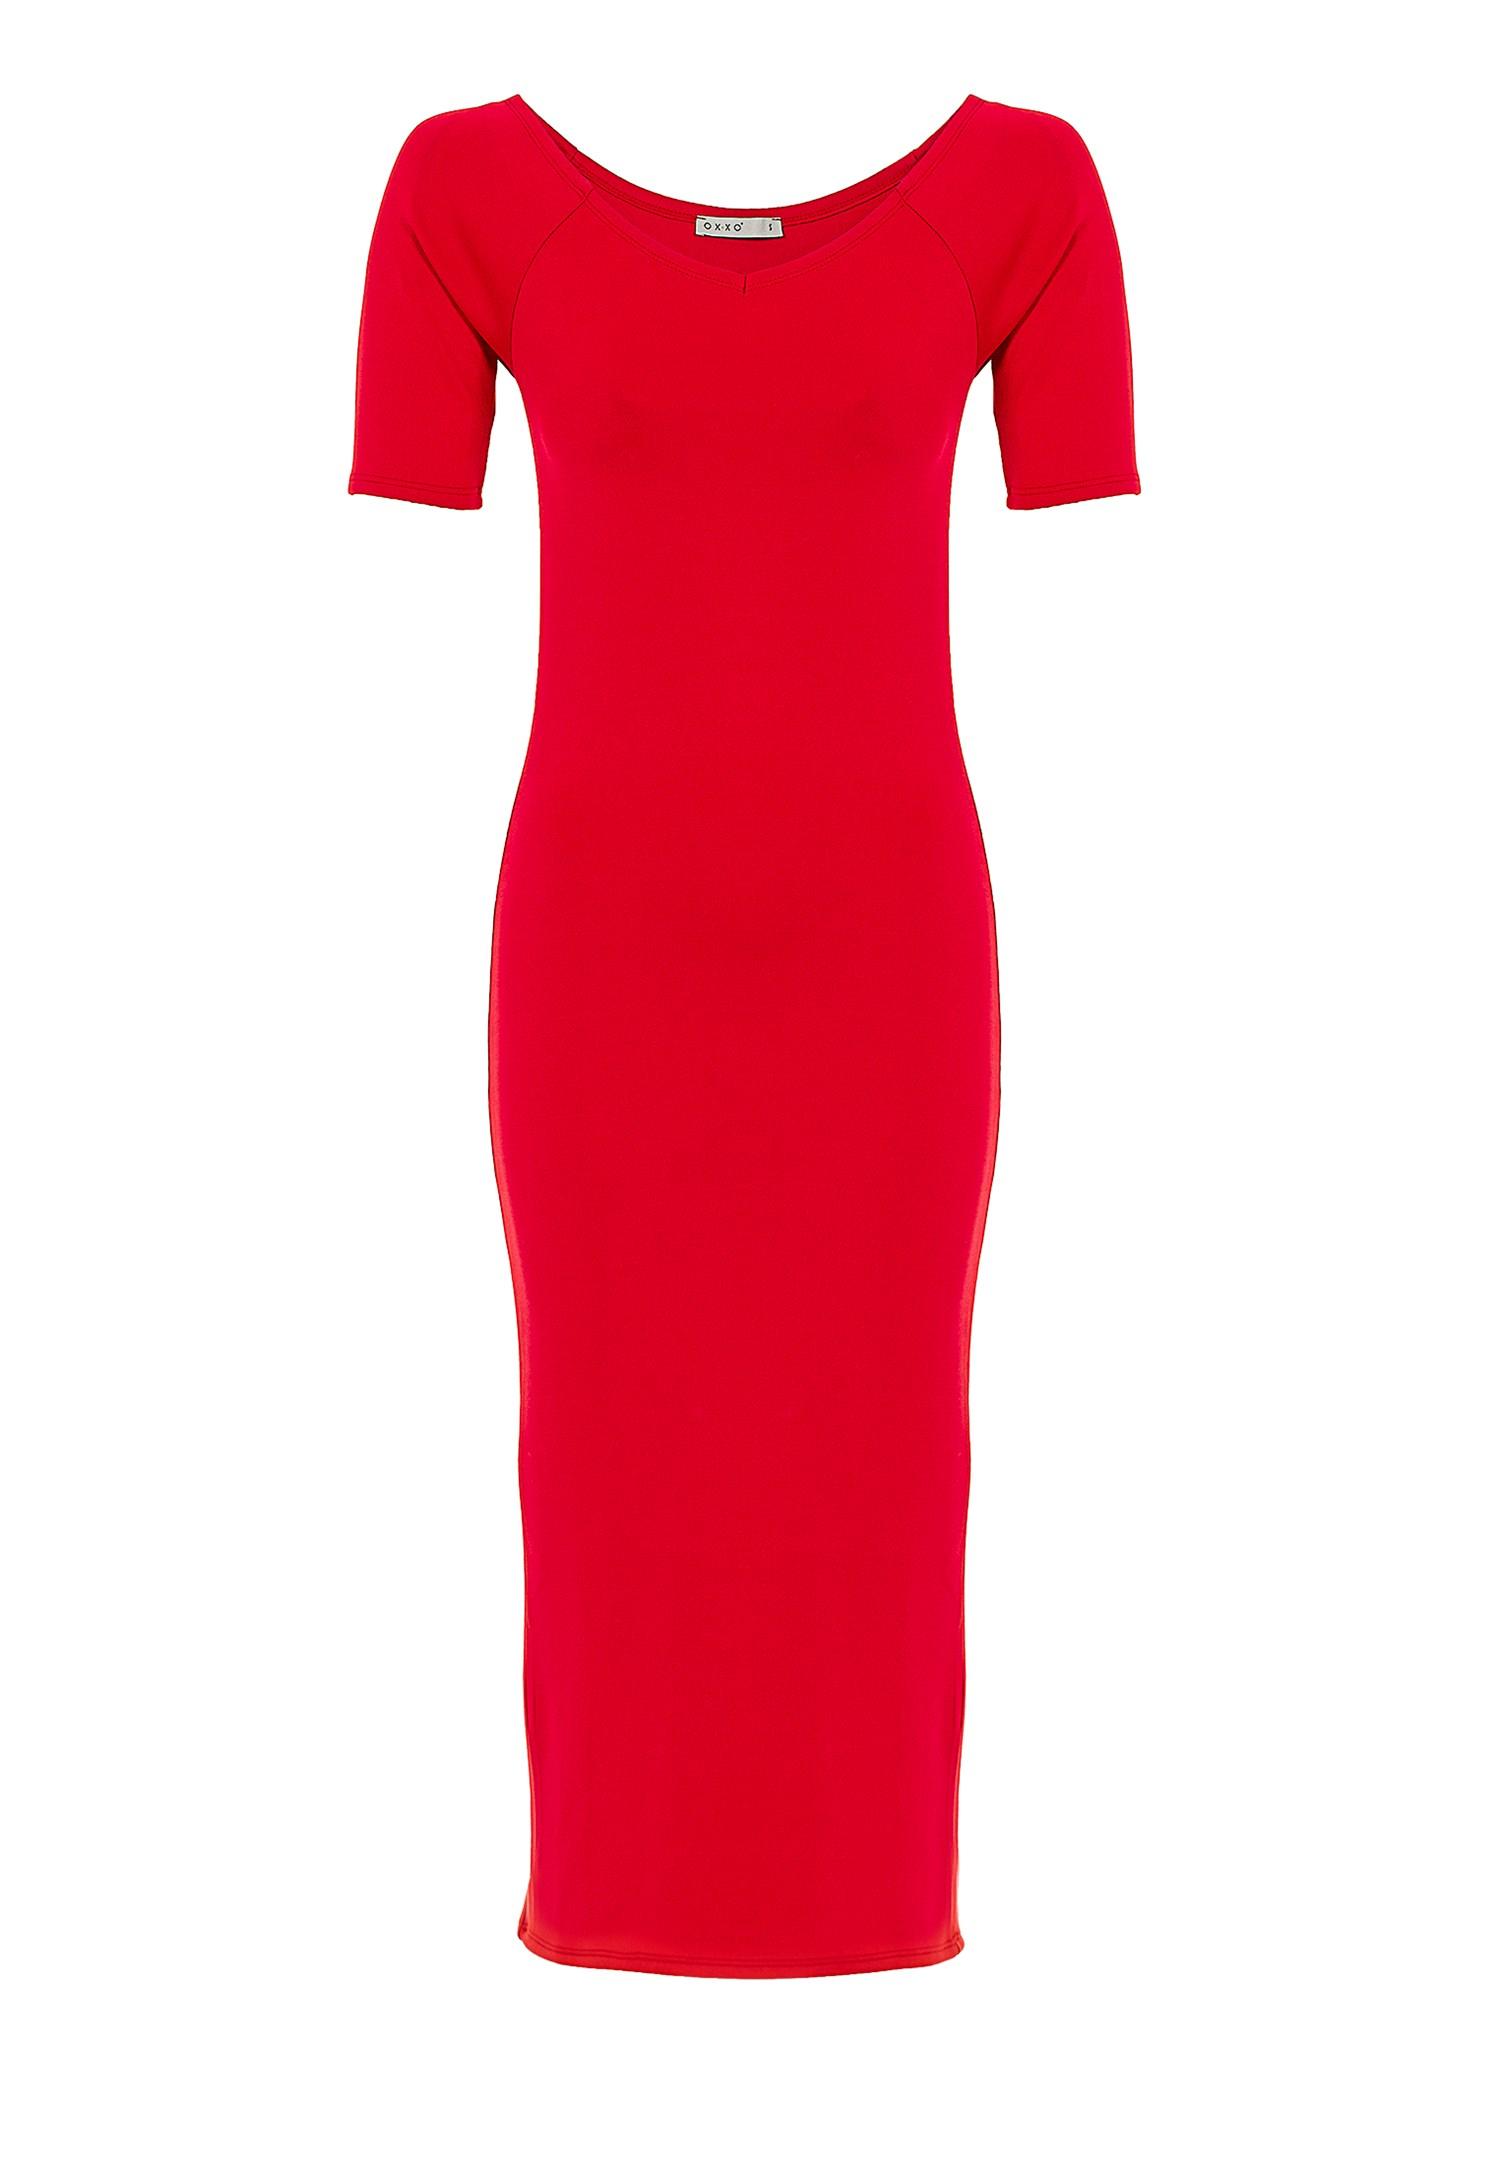 Bayan Kırmızı Kısa Kollu Diz Altı Elbise